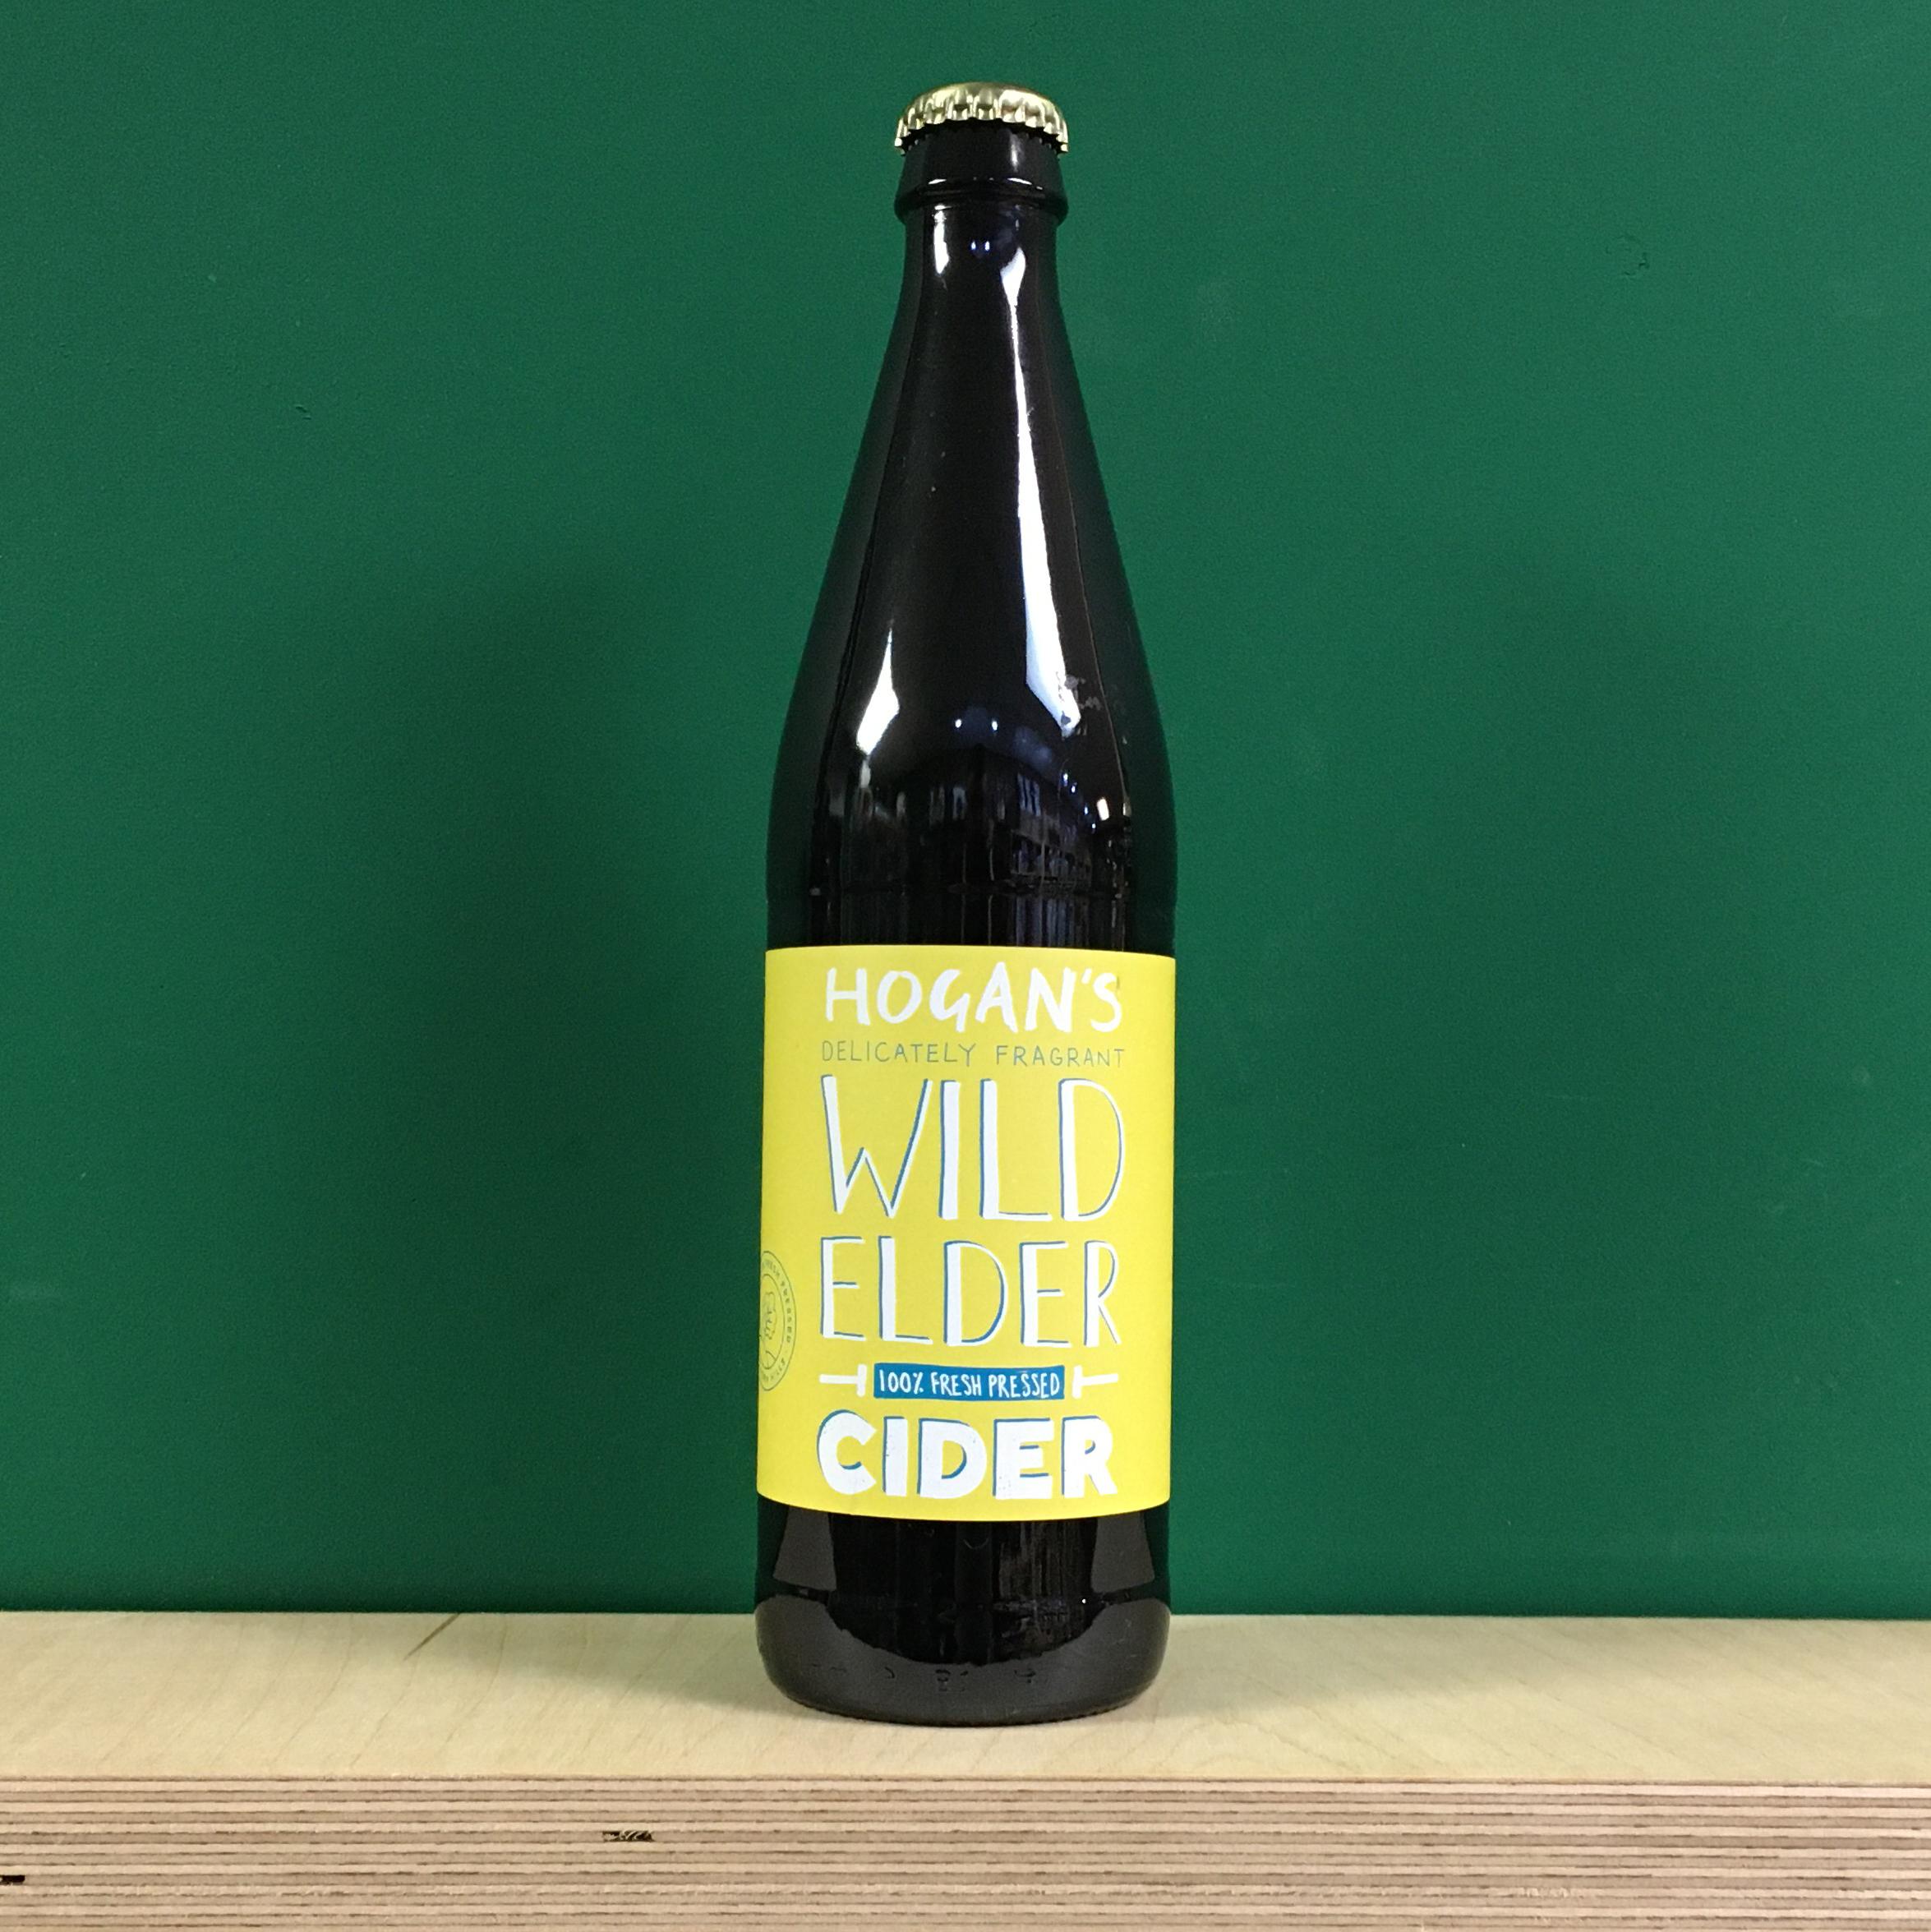 Hogans's Cider Wild Elder